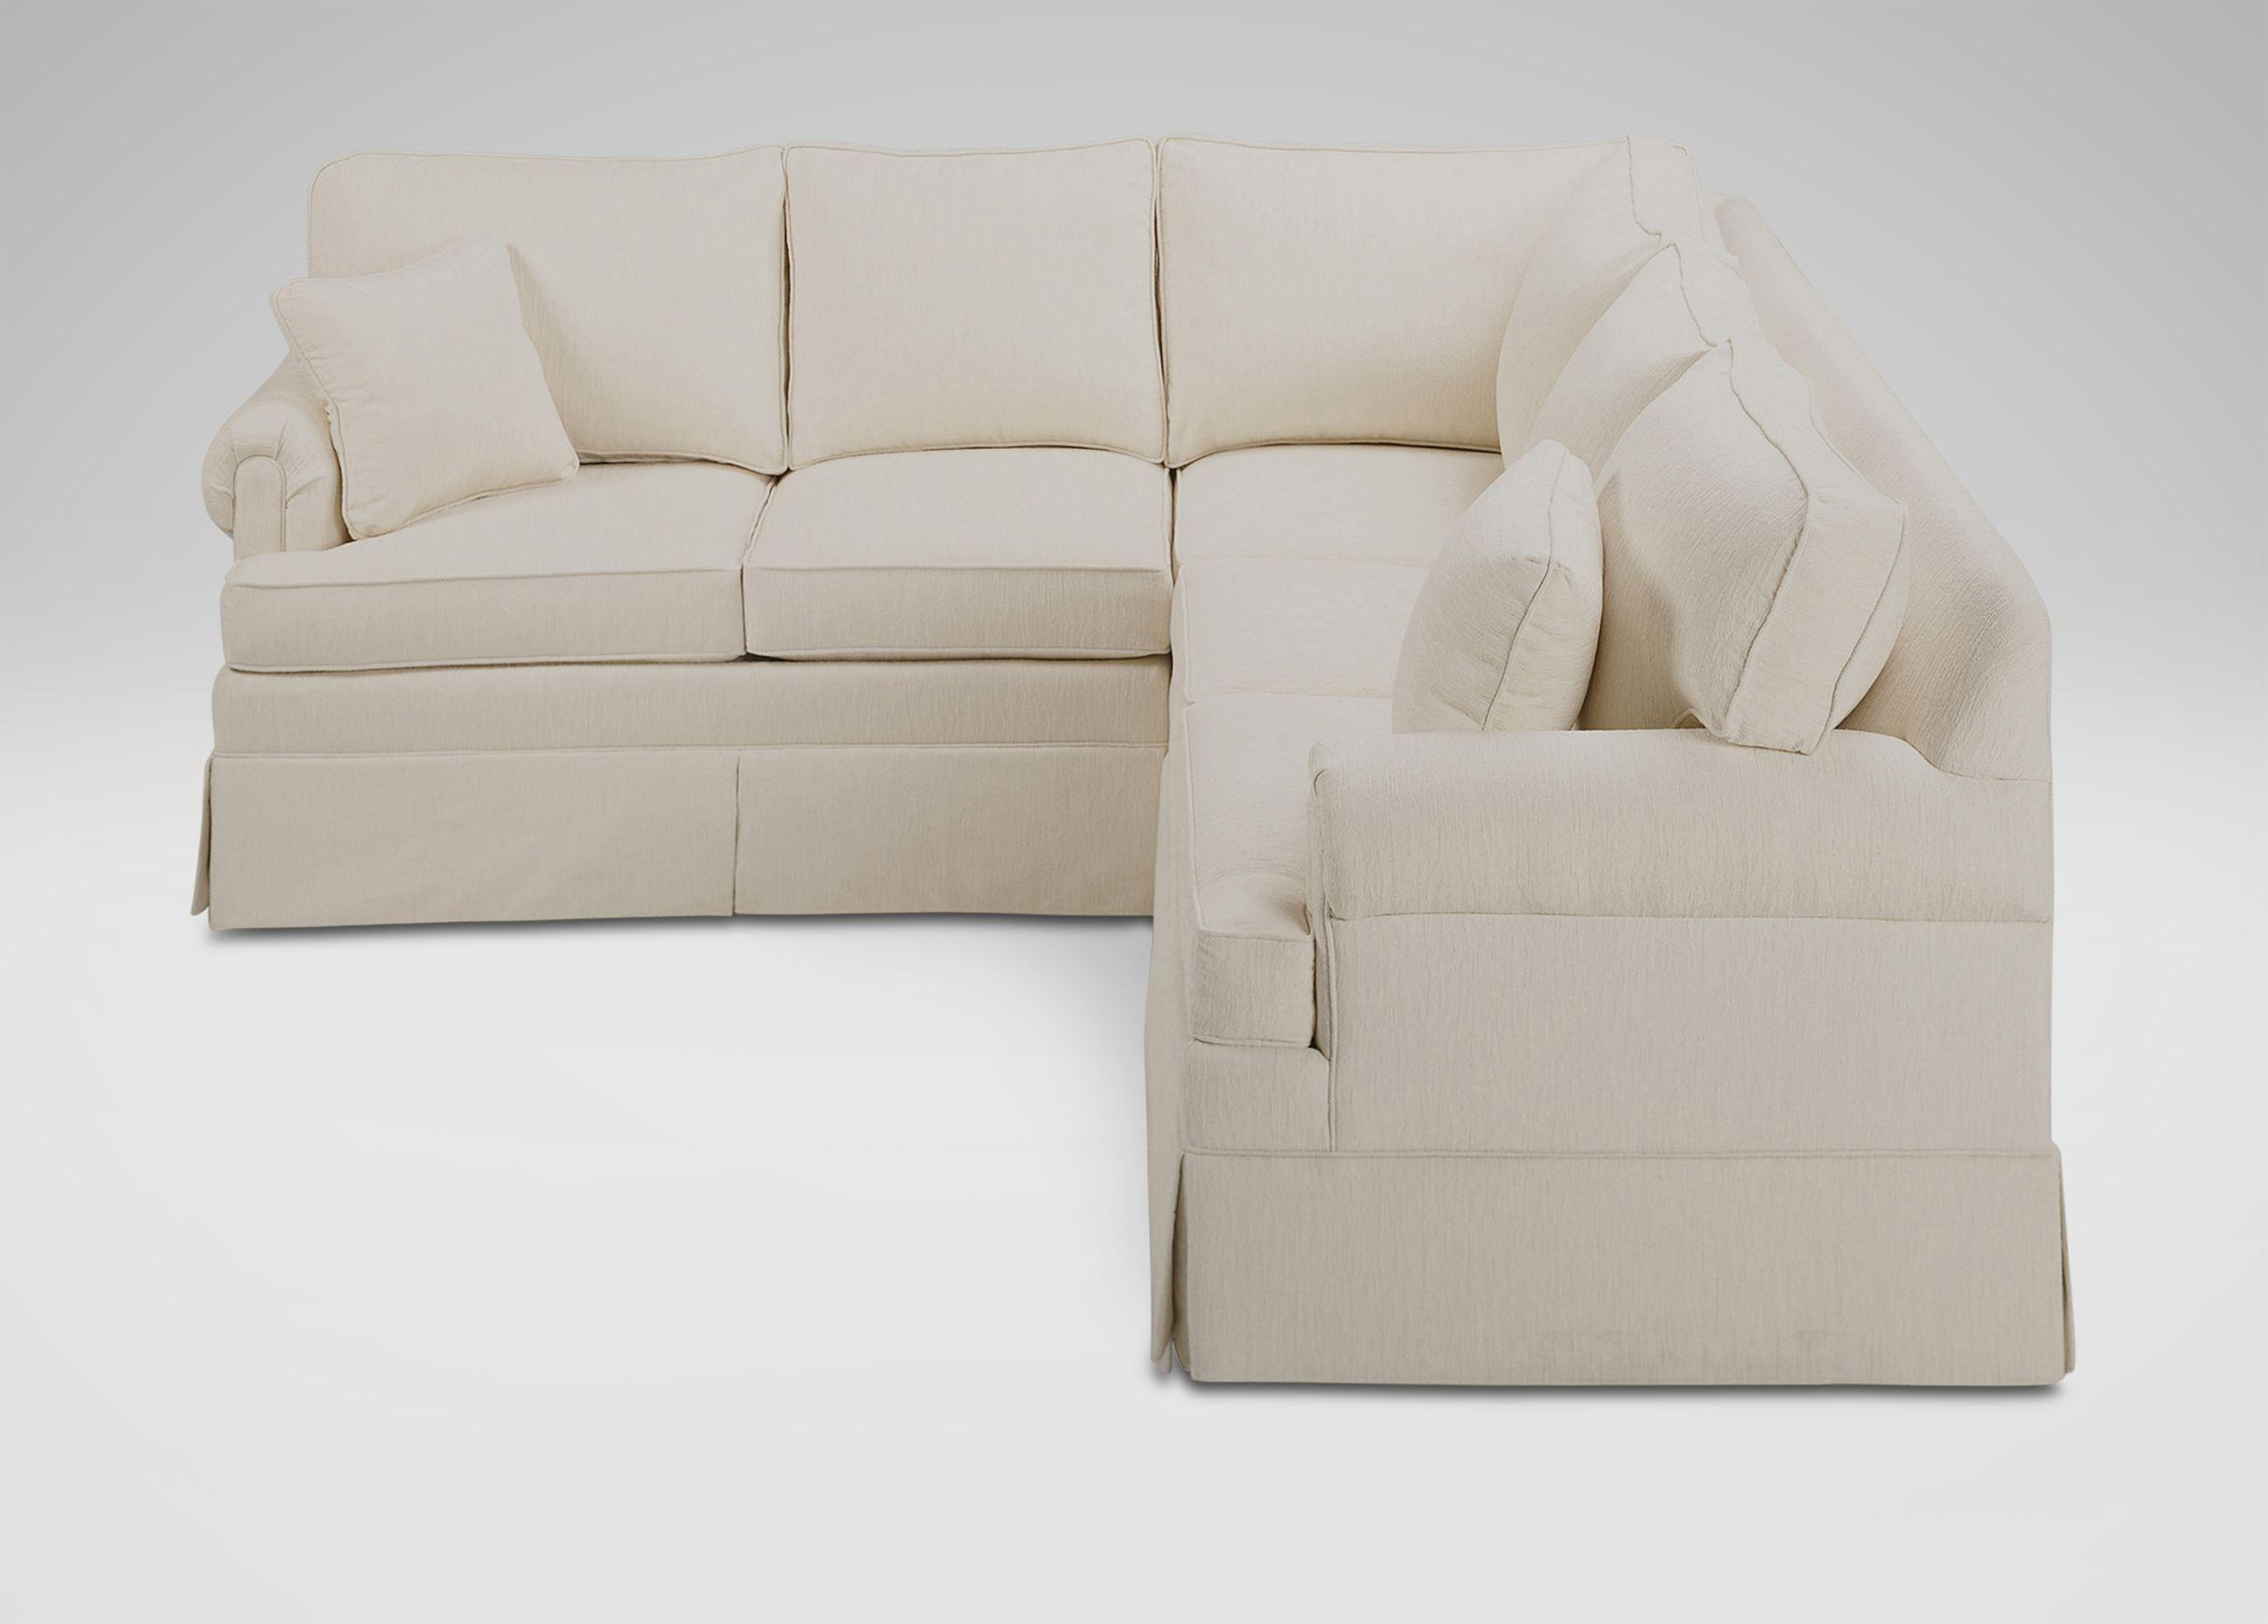 Ethan Allen Paramount Loveseat, Bunfoot | Paramount Sofa Options | Pinterest